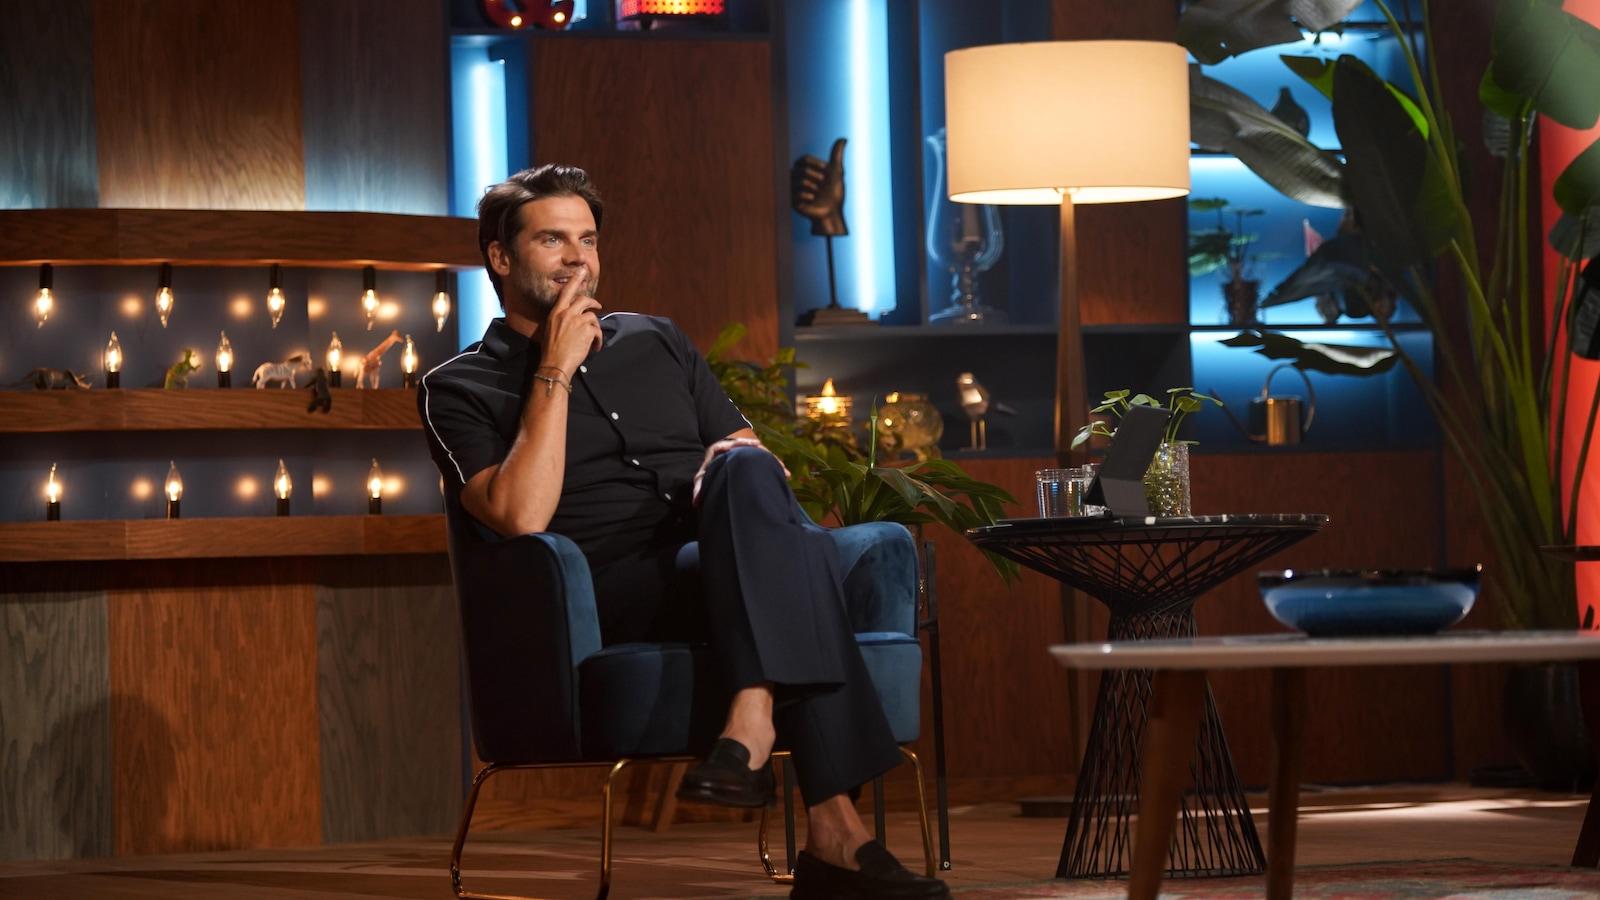 L'homme est assis dans un fauteuil avec des plantes à côté de lui et il sourit en regardant devant lui.